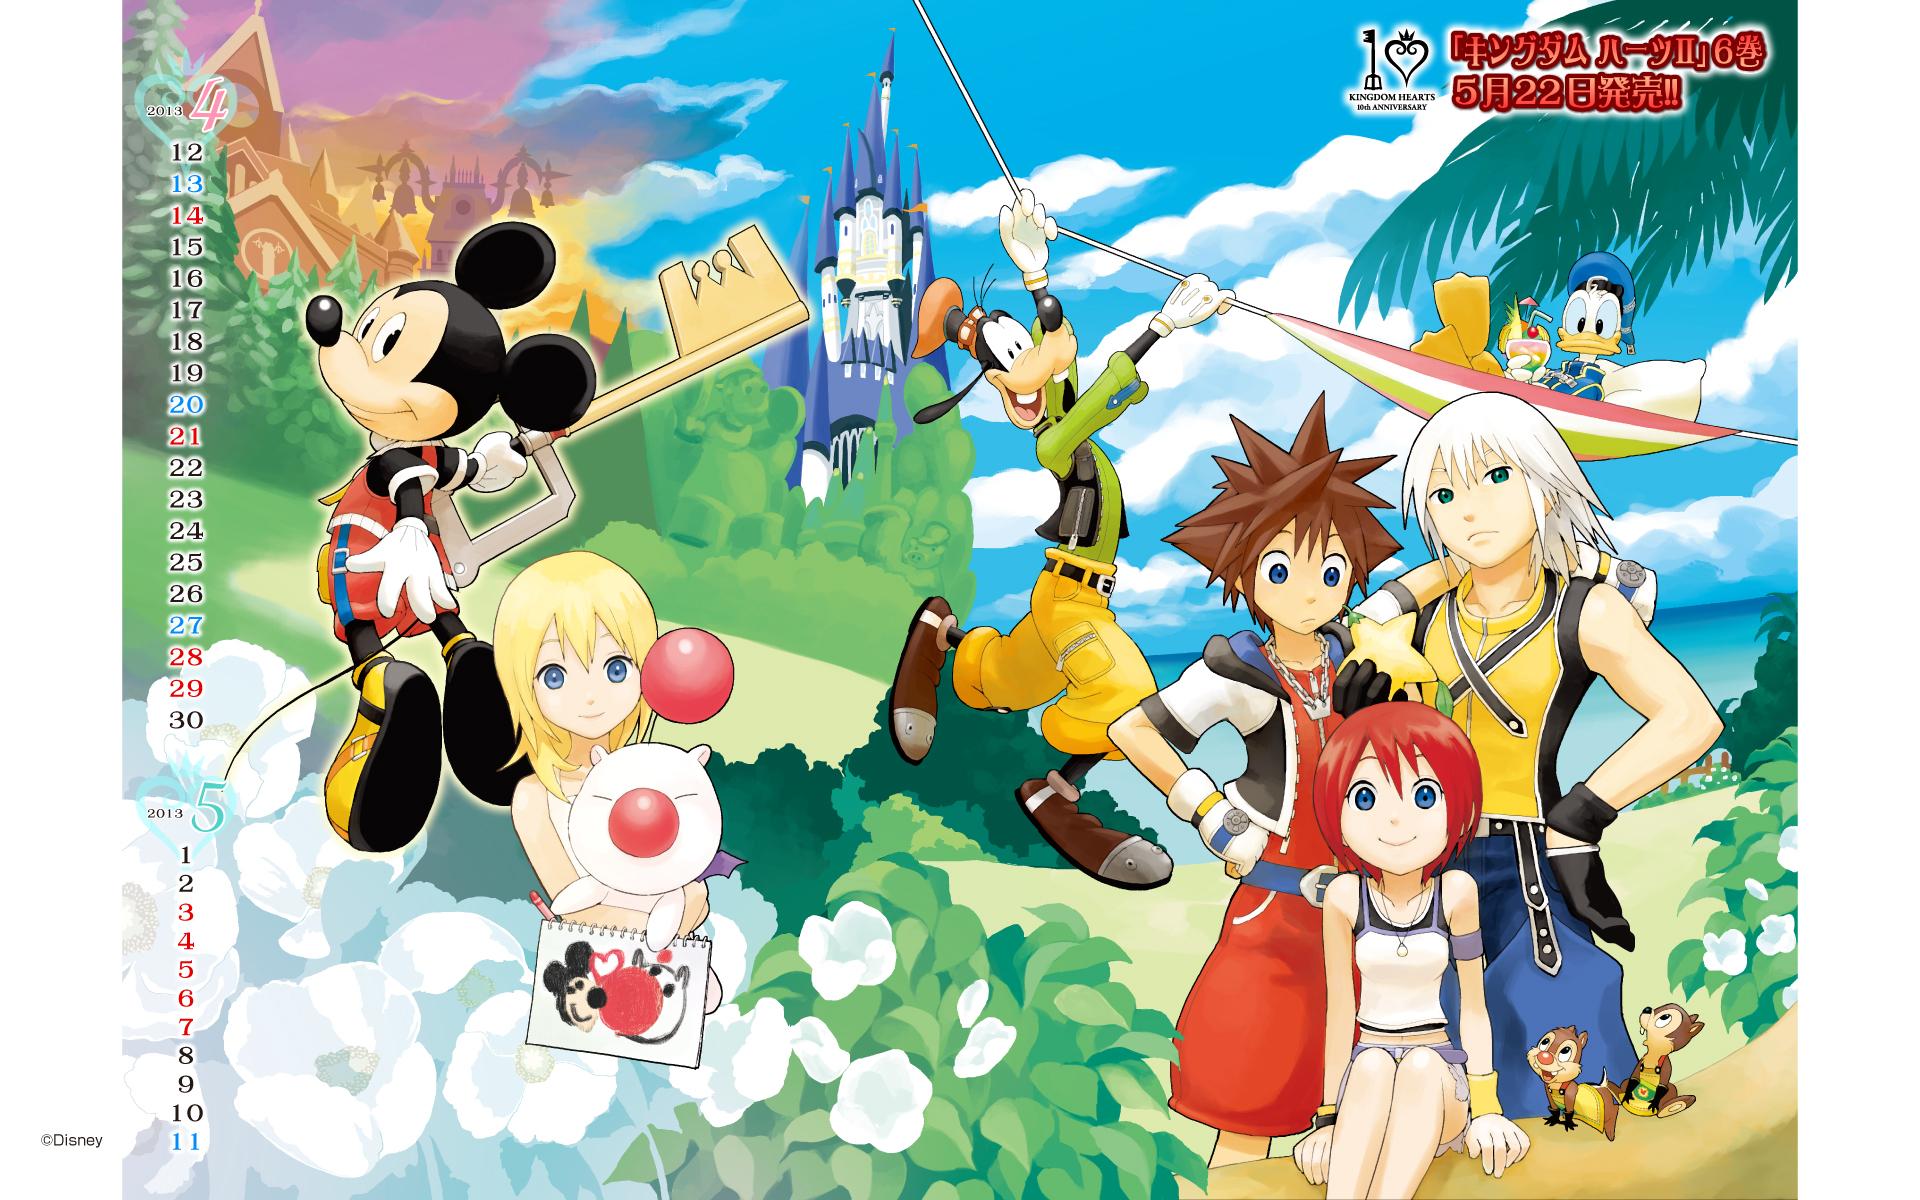 Kingdom Hearts Wallpaper 1474636 Zerochan Anime Image Board